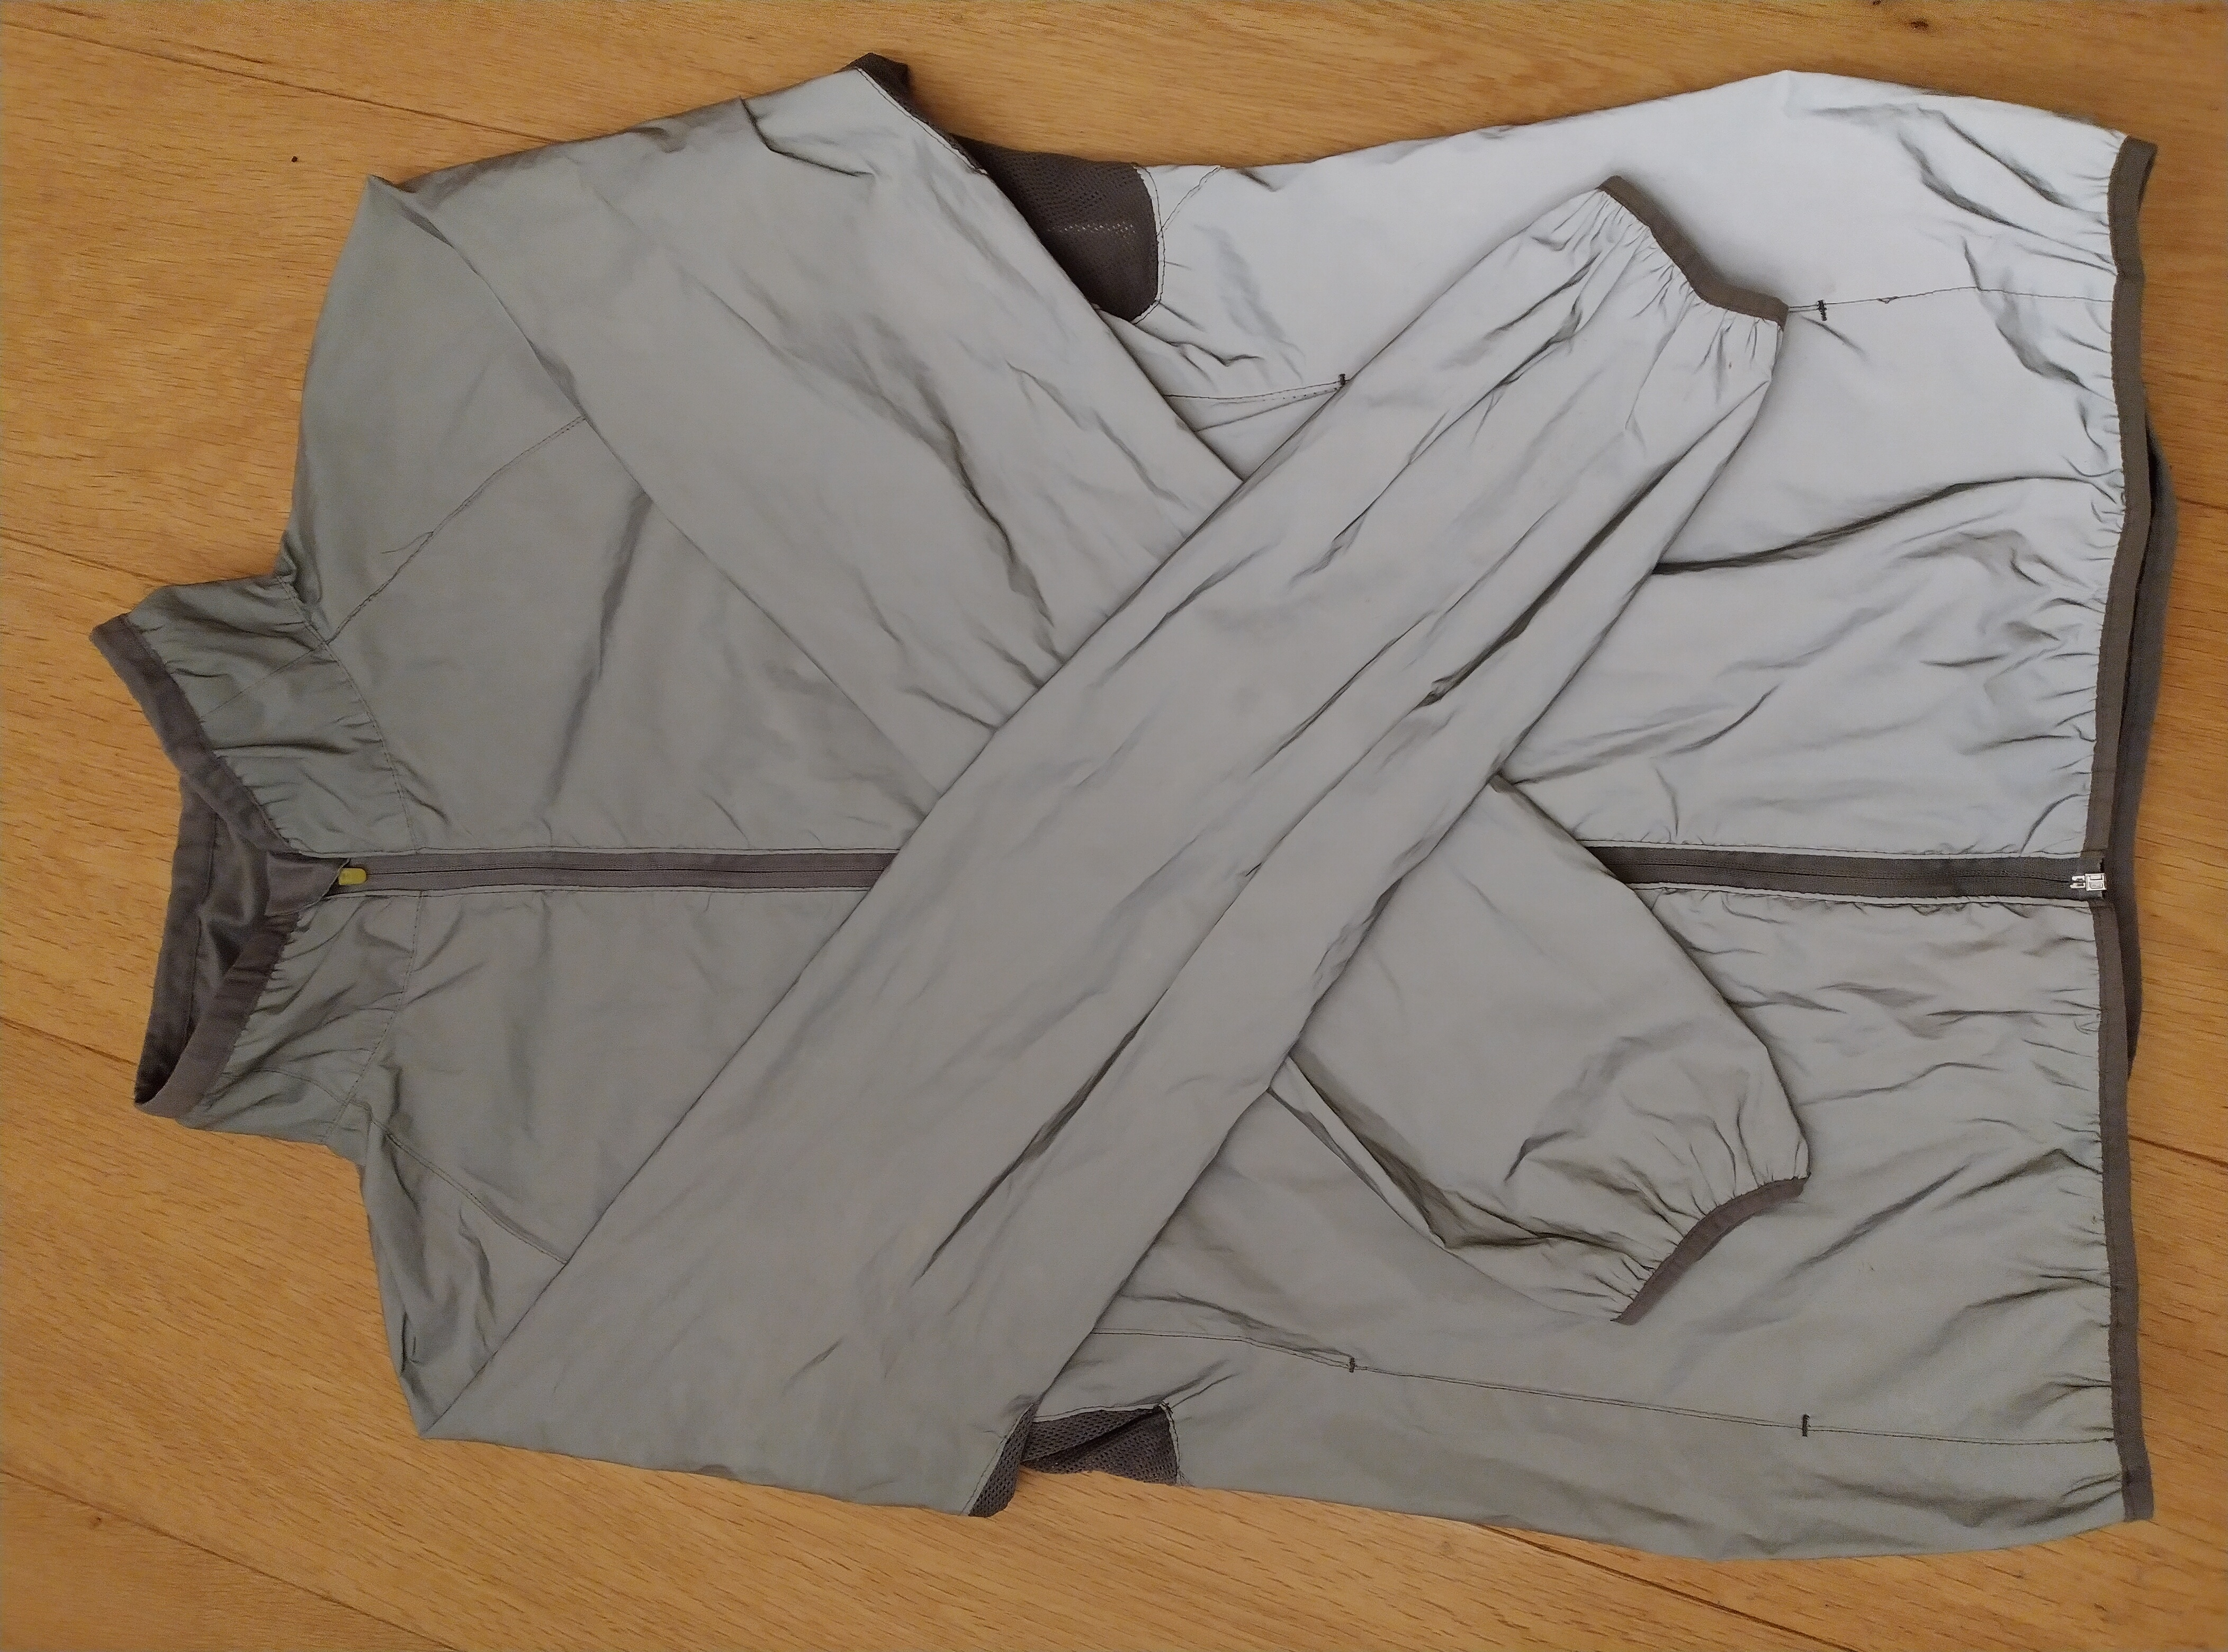 Image of H&M sport Reflective hi viz jacket